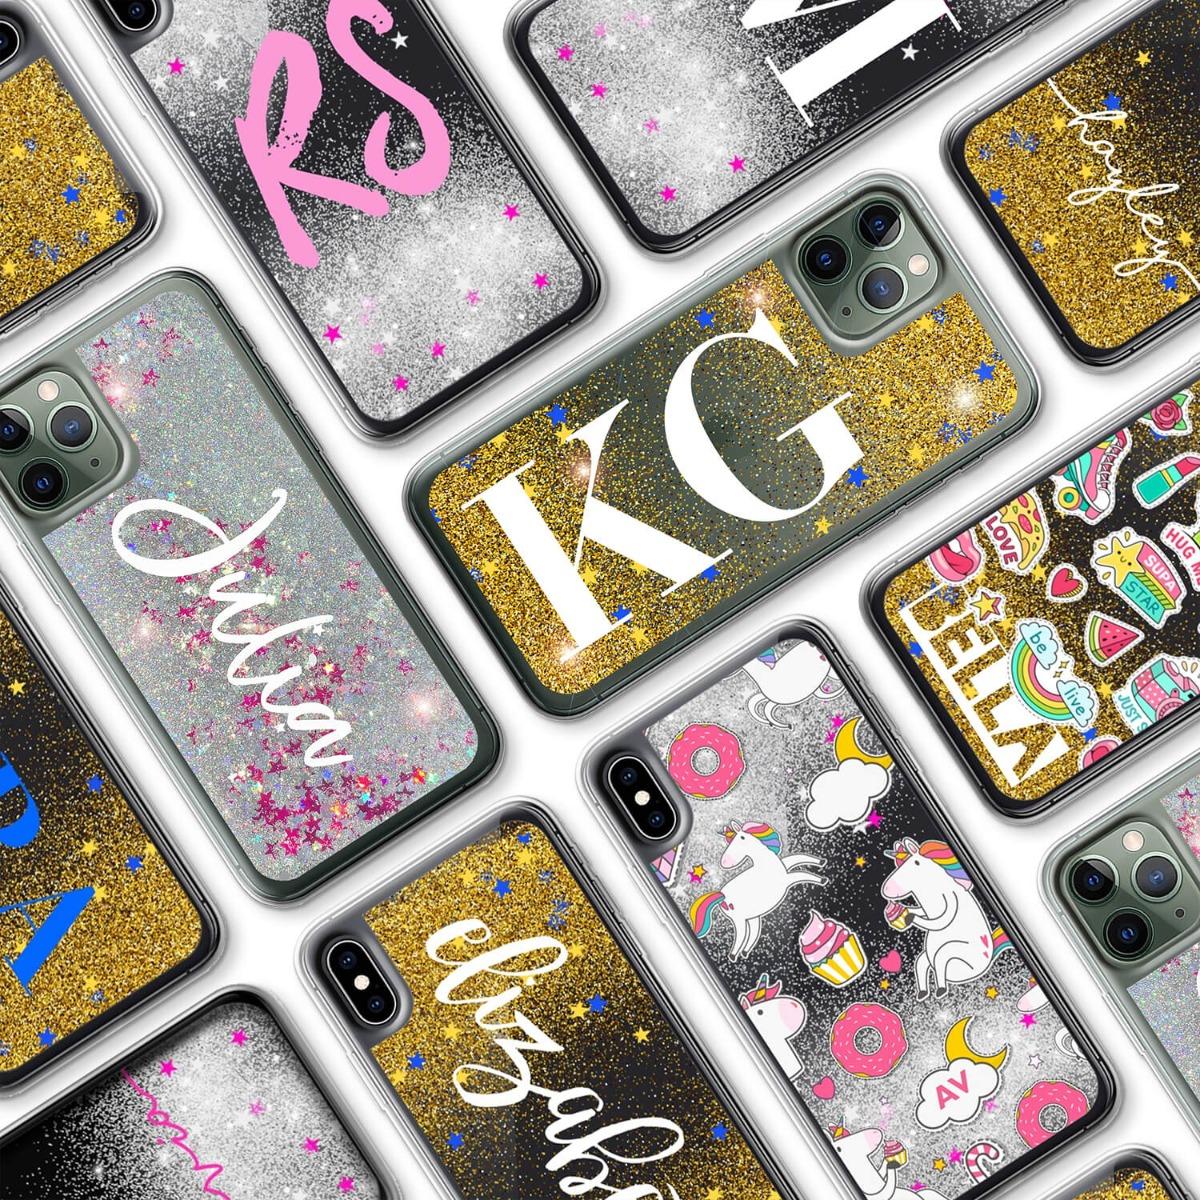 iPhone XS Max Glitter Case 16132